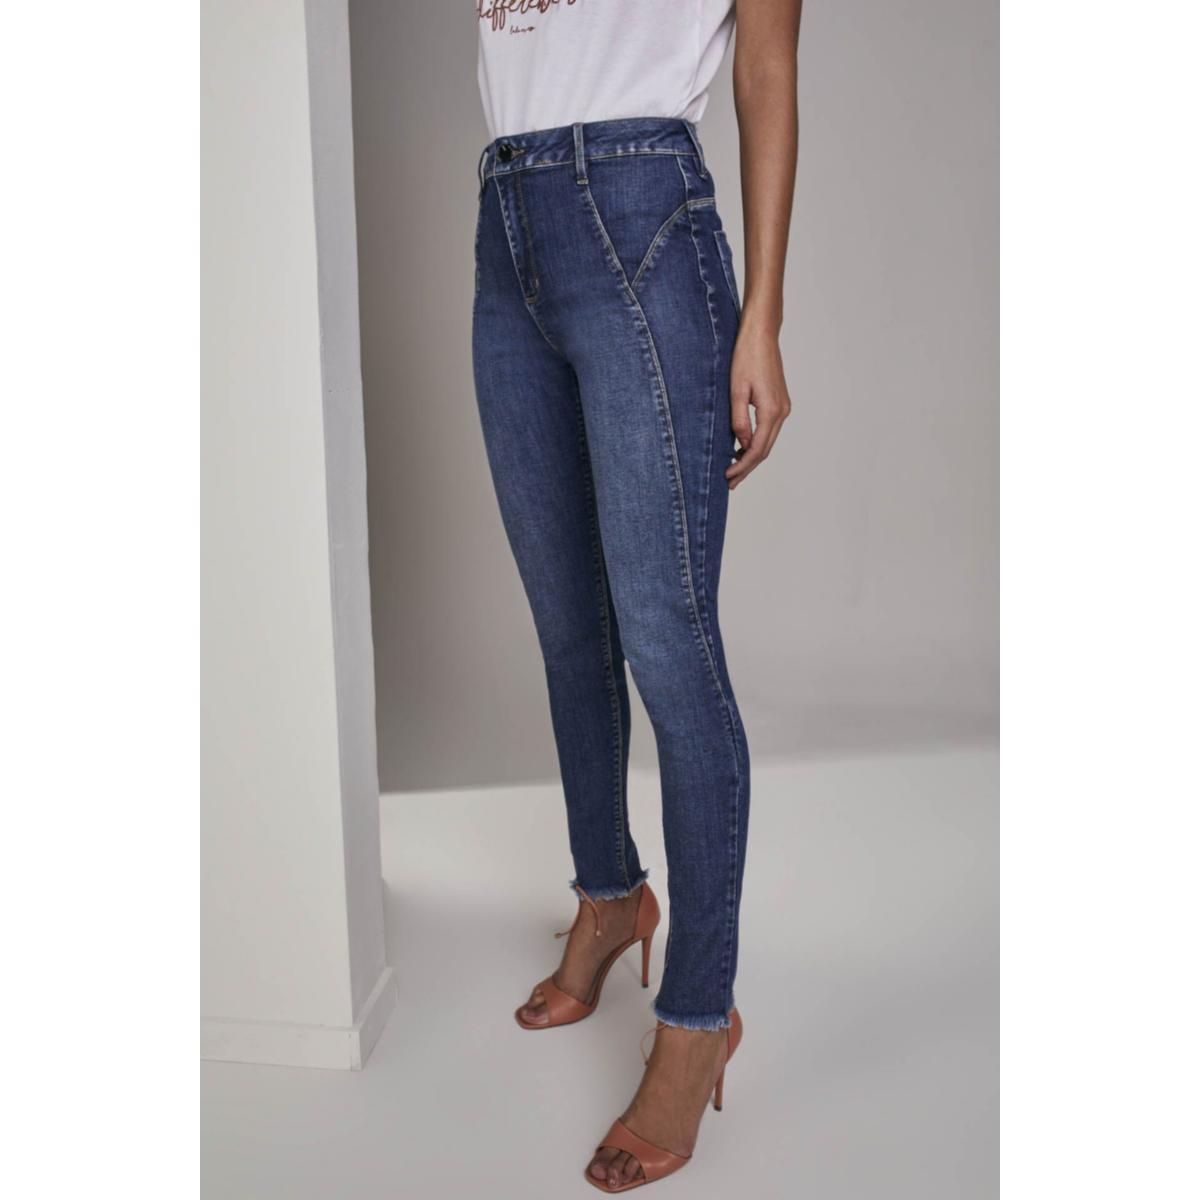 Calça Feminina Lado Avesso L115115 Jeans